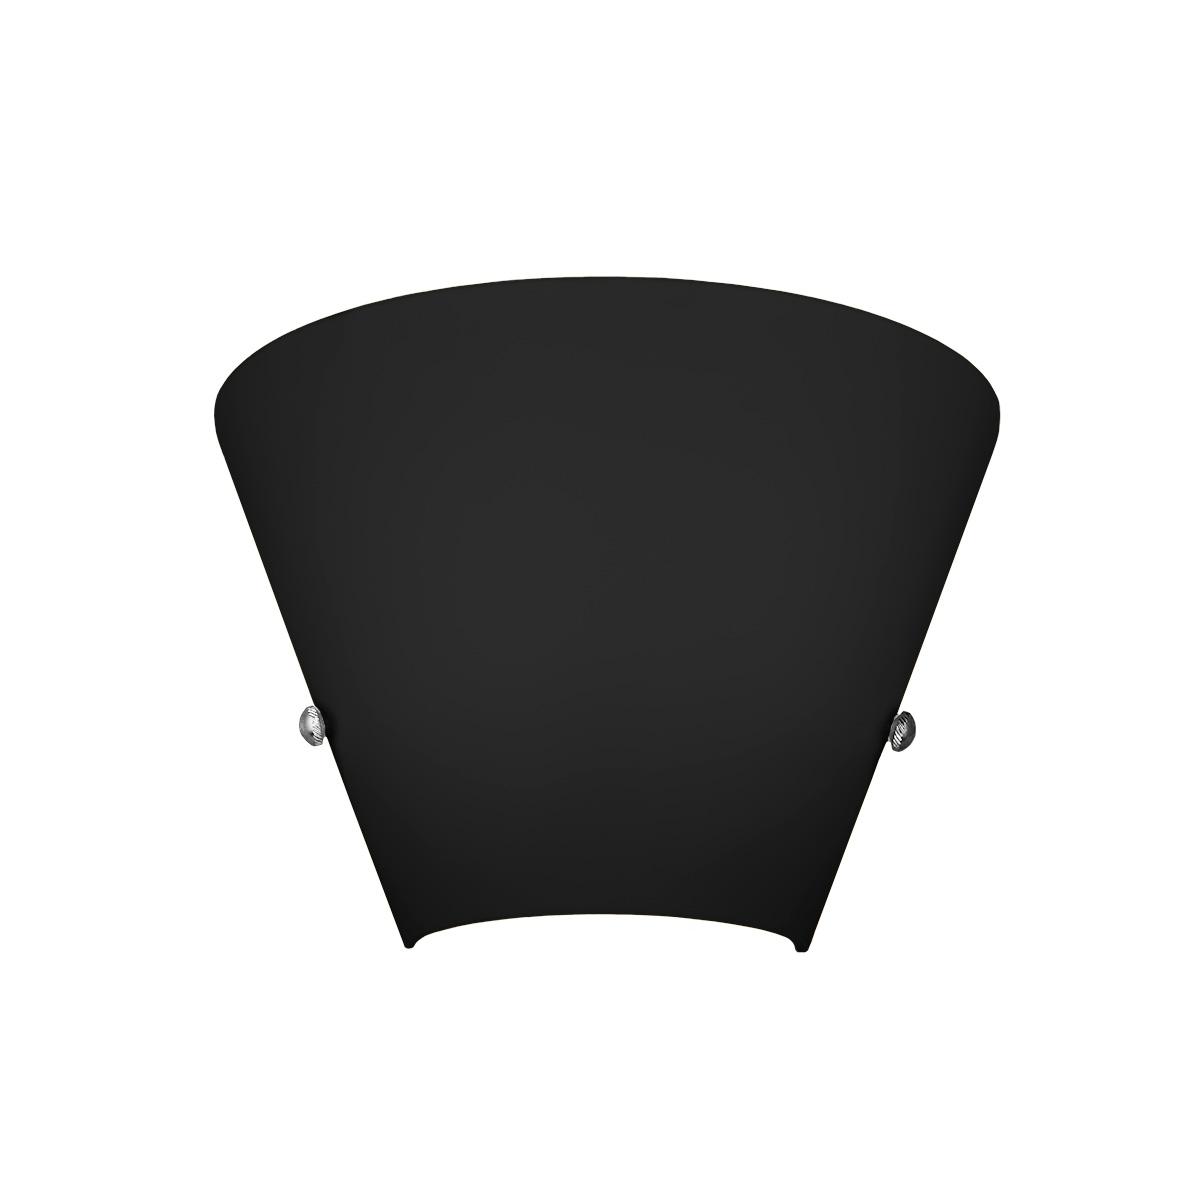 Μαύρο φωτιστικό τοίχου Μουράνο ΚΩΝΟΙ black Murano wall lamp